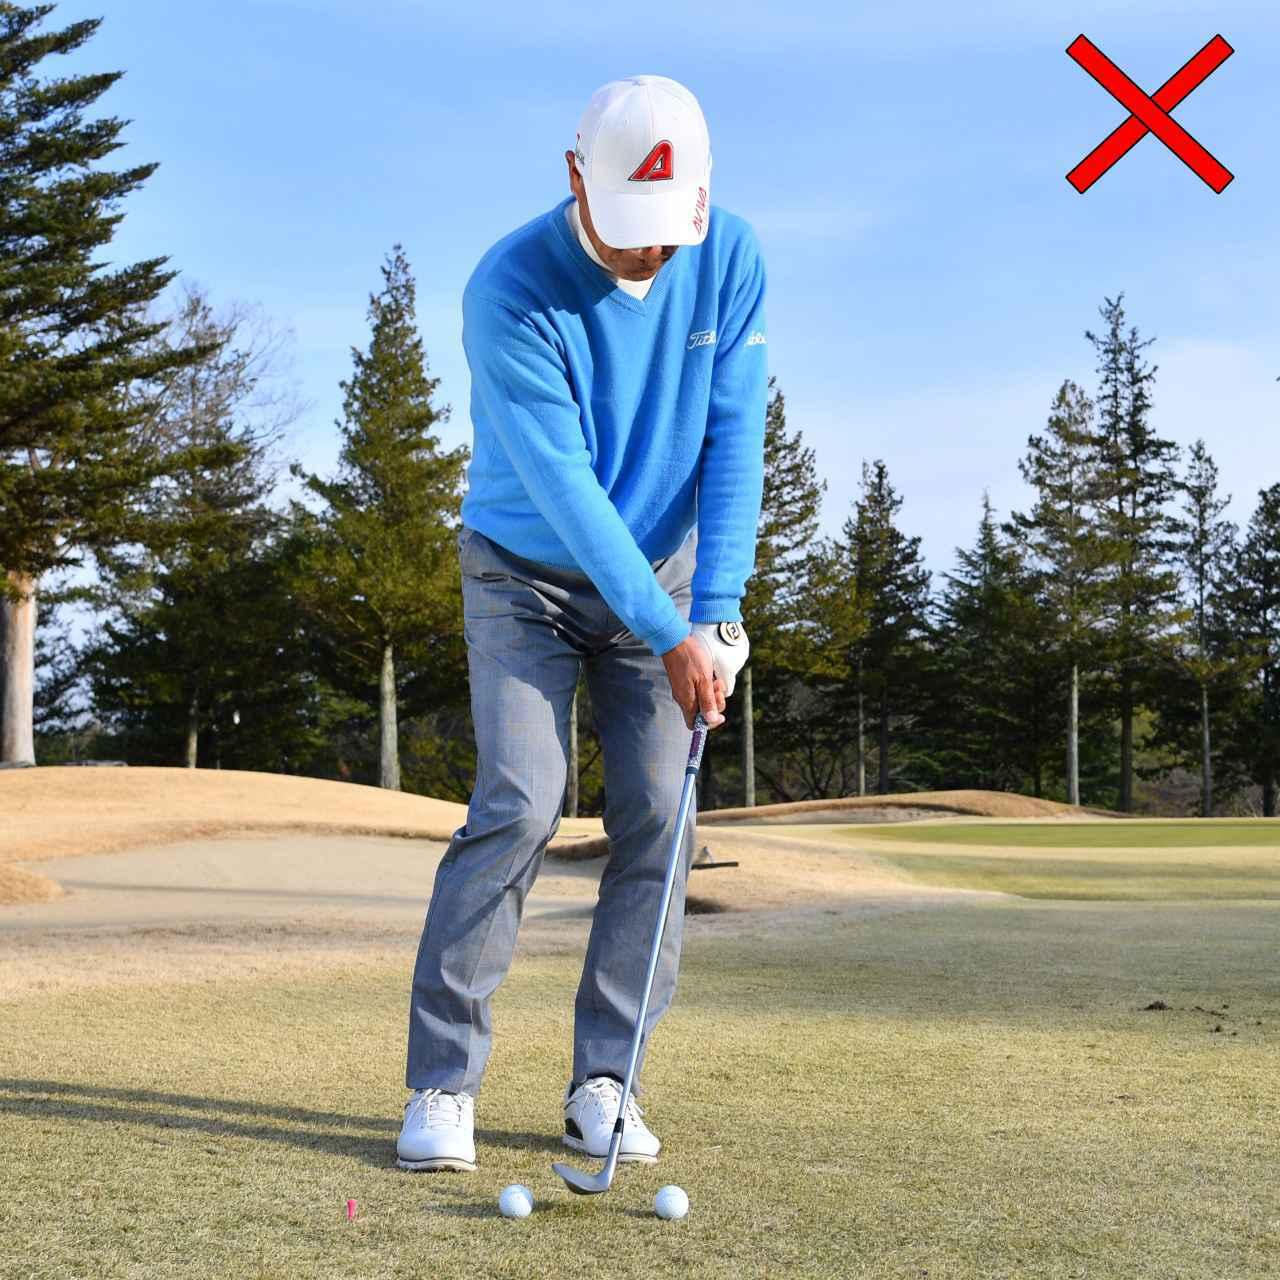 画像: 先の方のボールに当てることを意識しすぎると両手が前に出てとトップやシャンクがでる